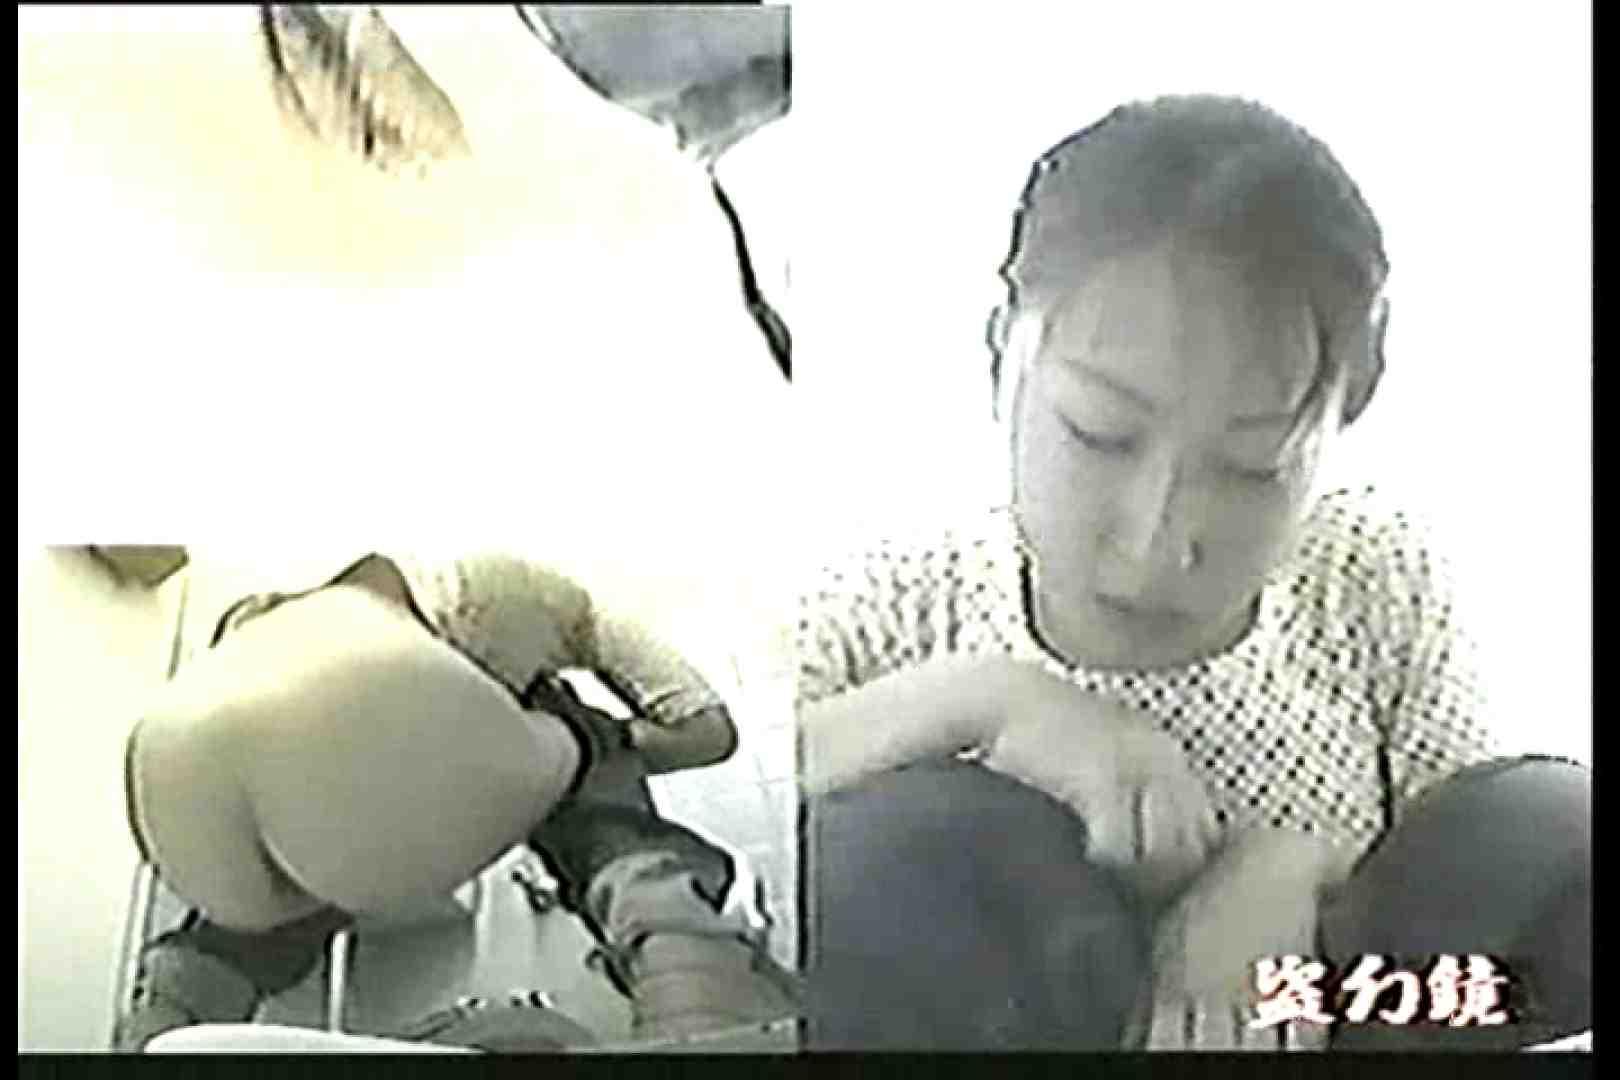 洗面所羞恥美女んMV-9 洗面所突入 すけべAV動画紹介 105pic 92